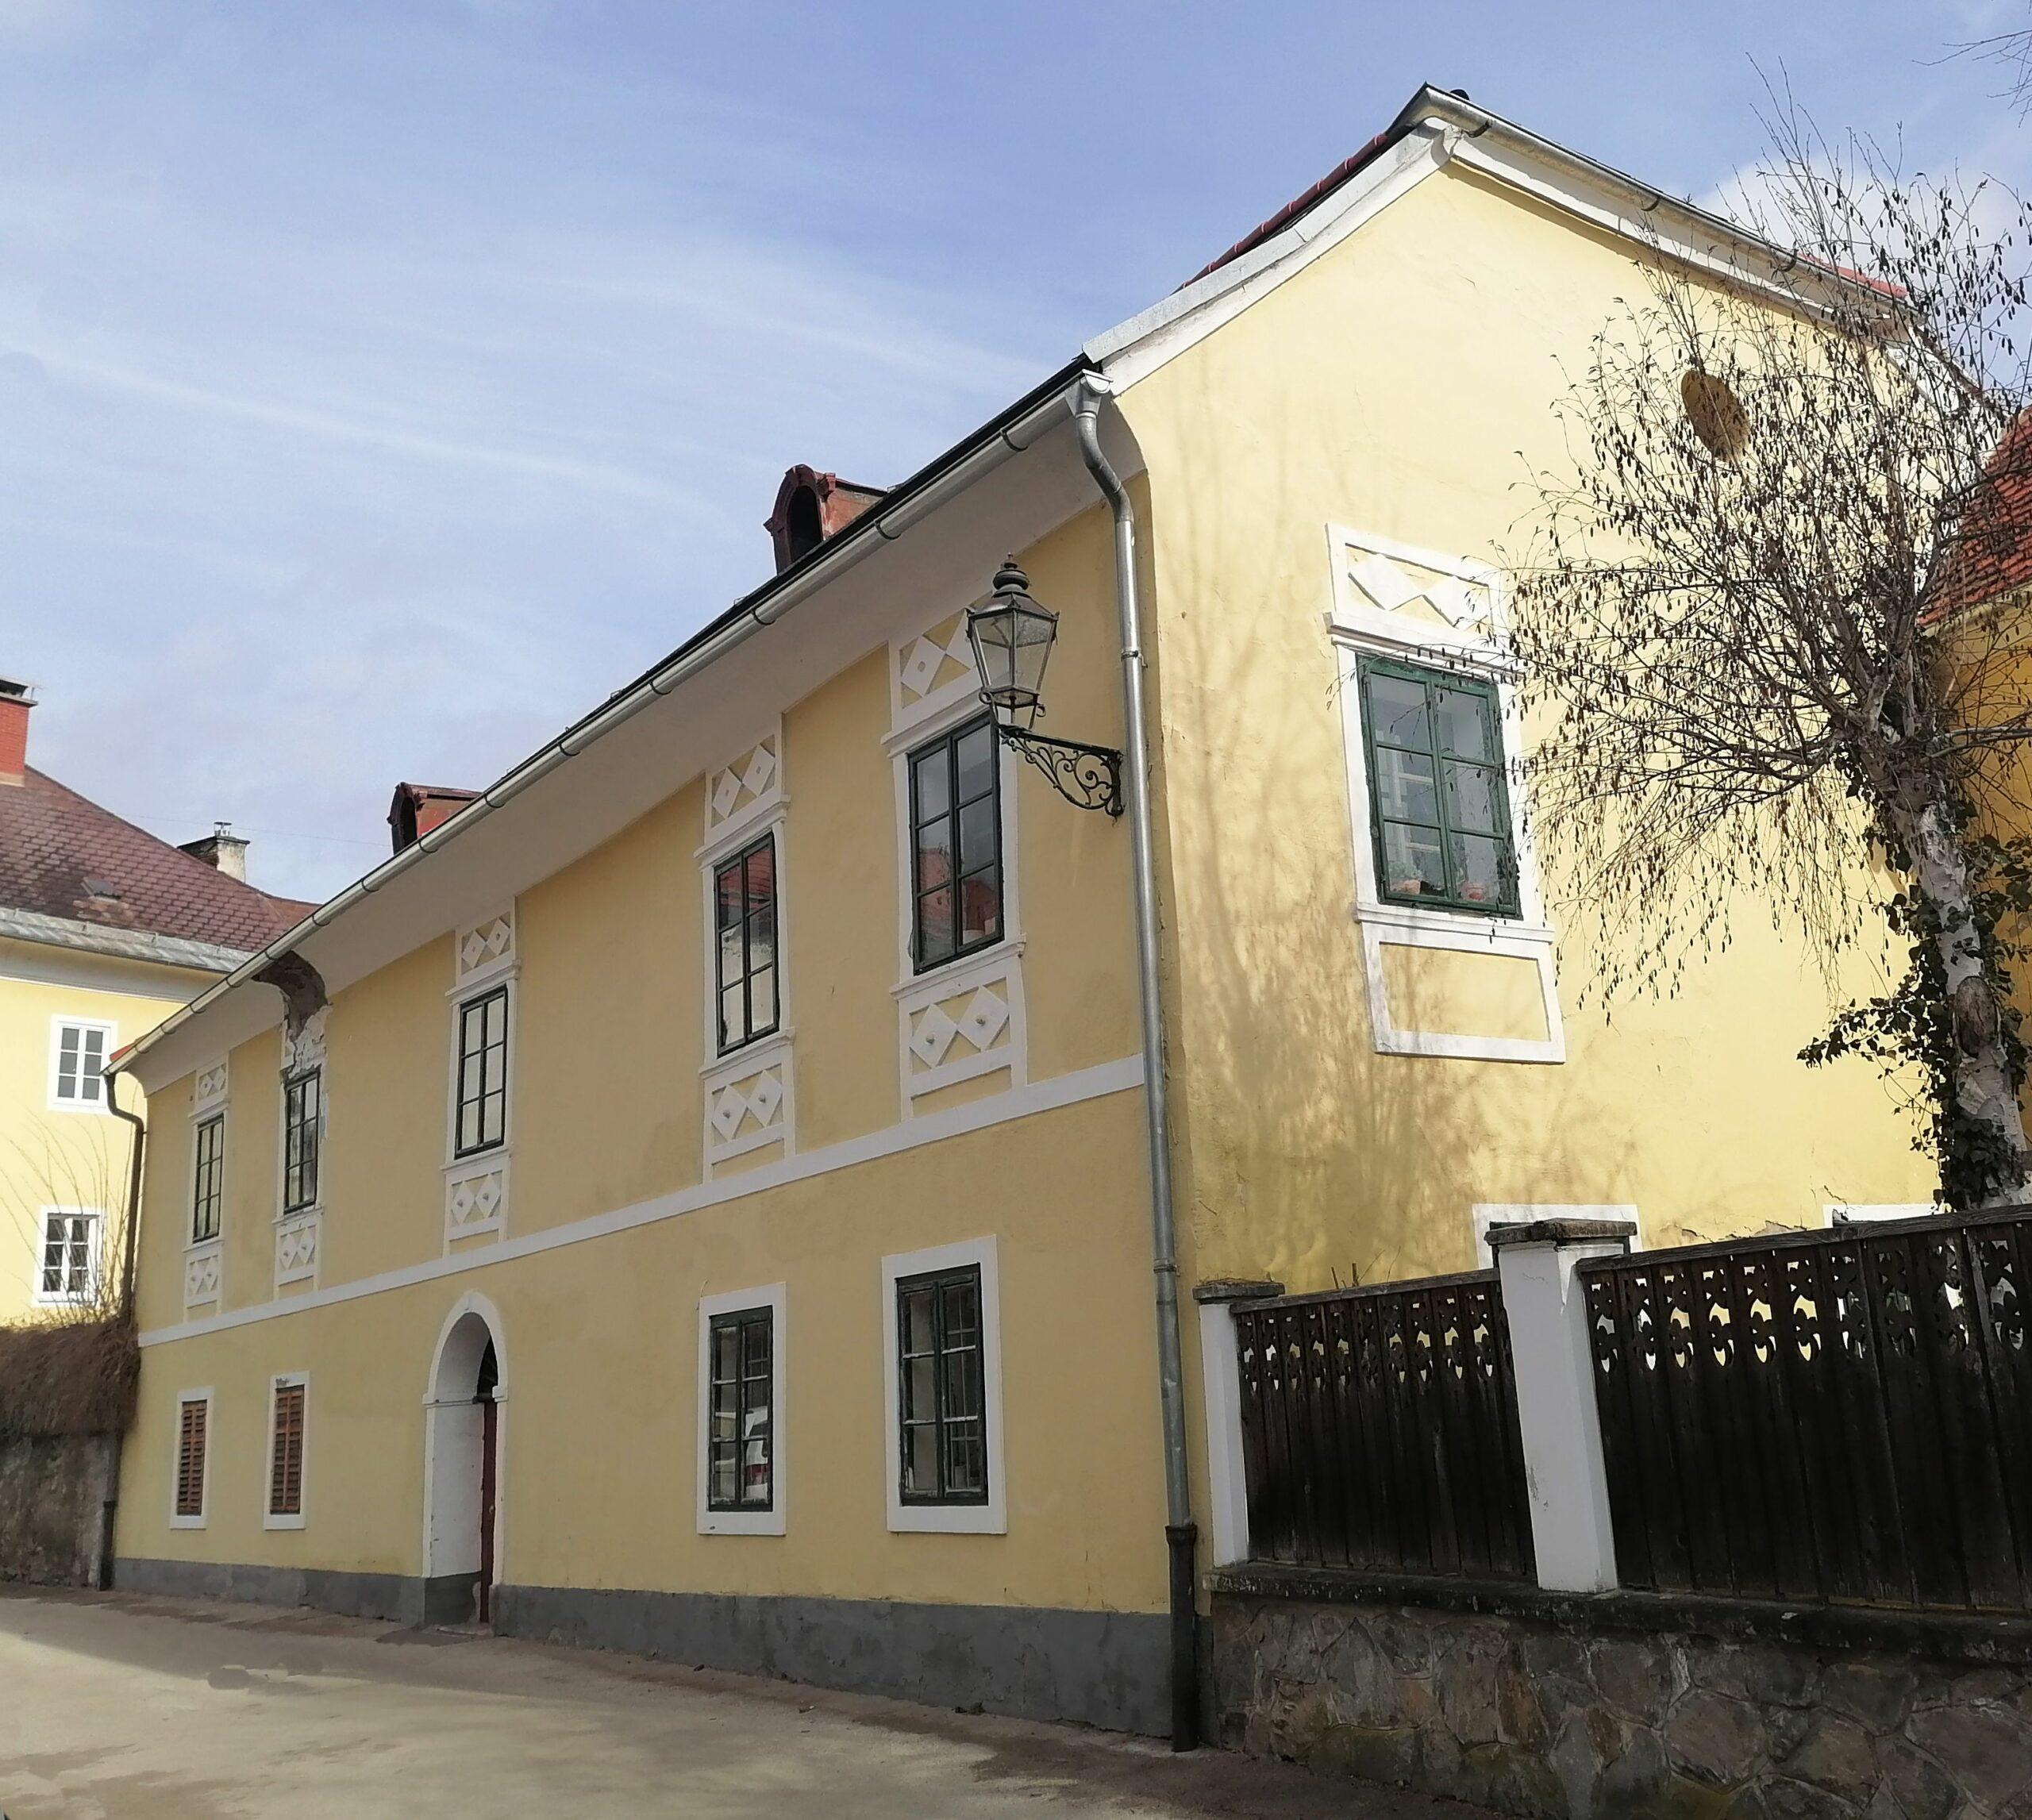 Hauptfassade aus dem Biedermeier